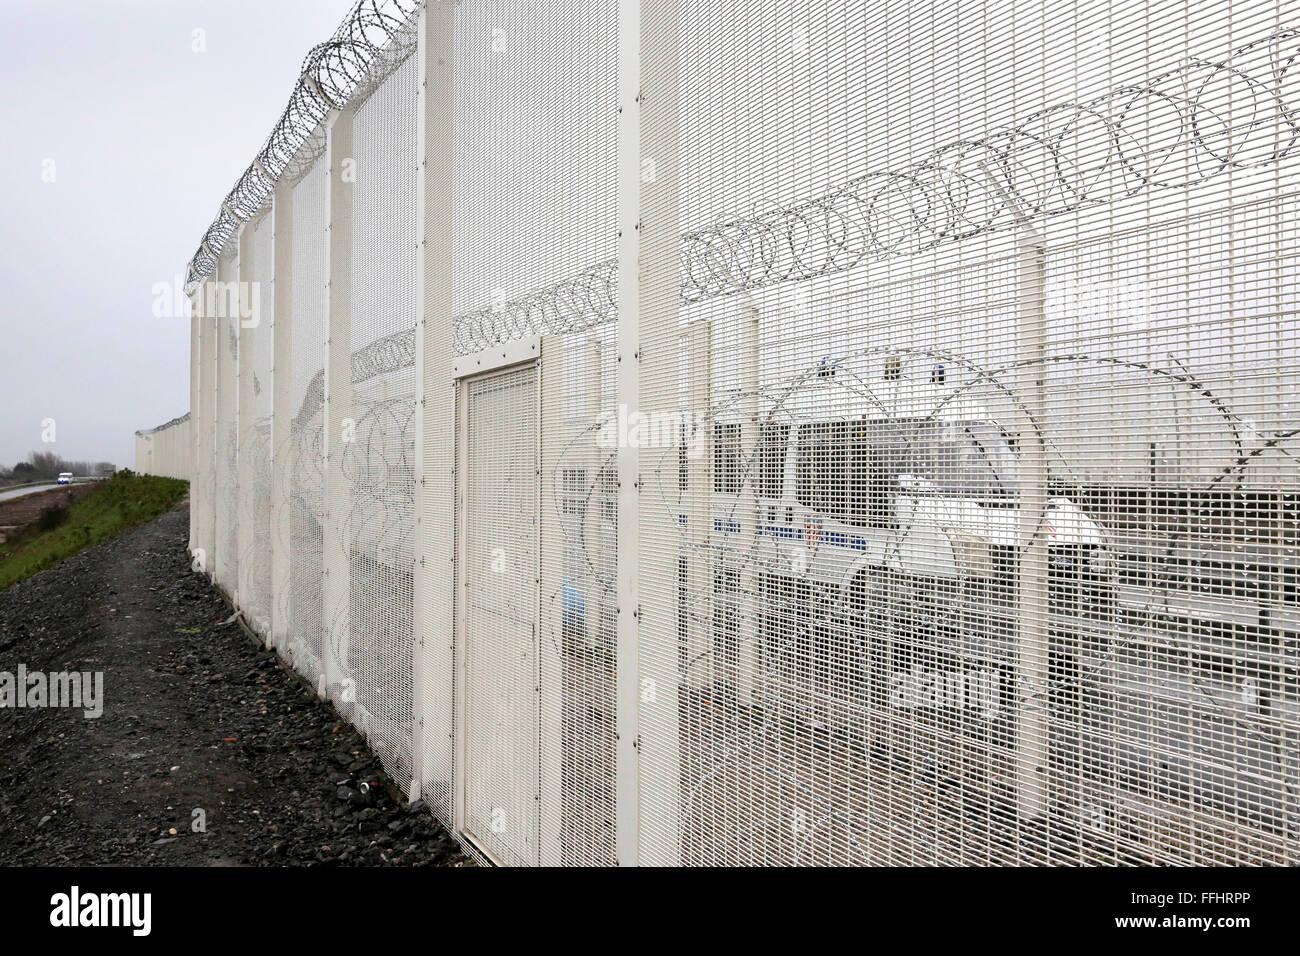 Refugee Fence Stock Photos & Refugee Fence Stock Images - Alamy